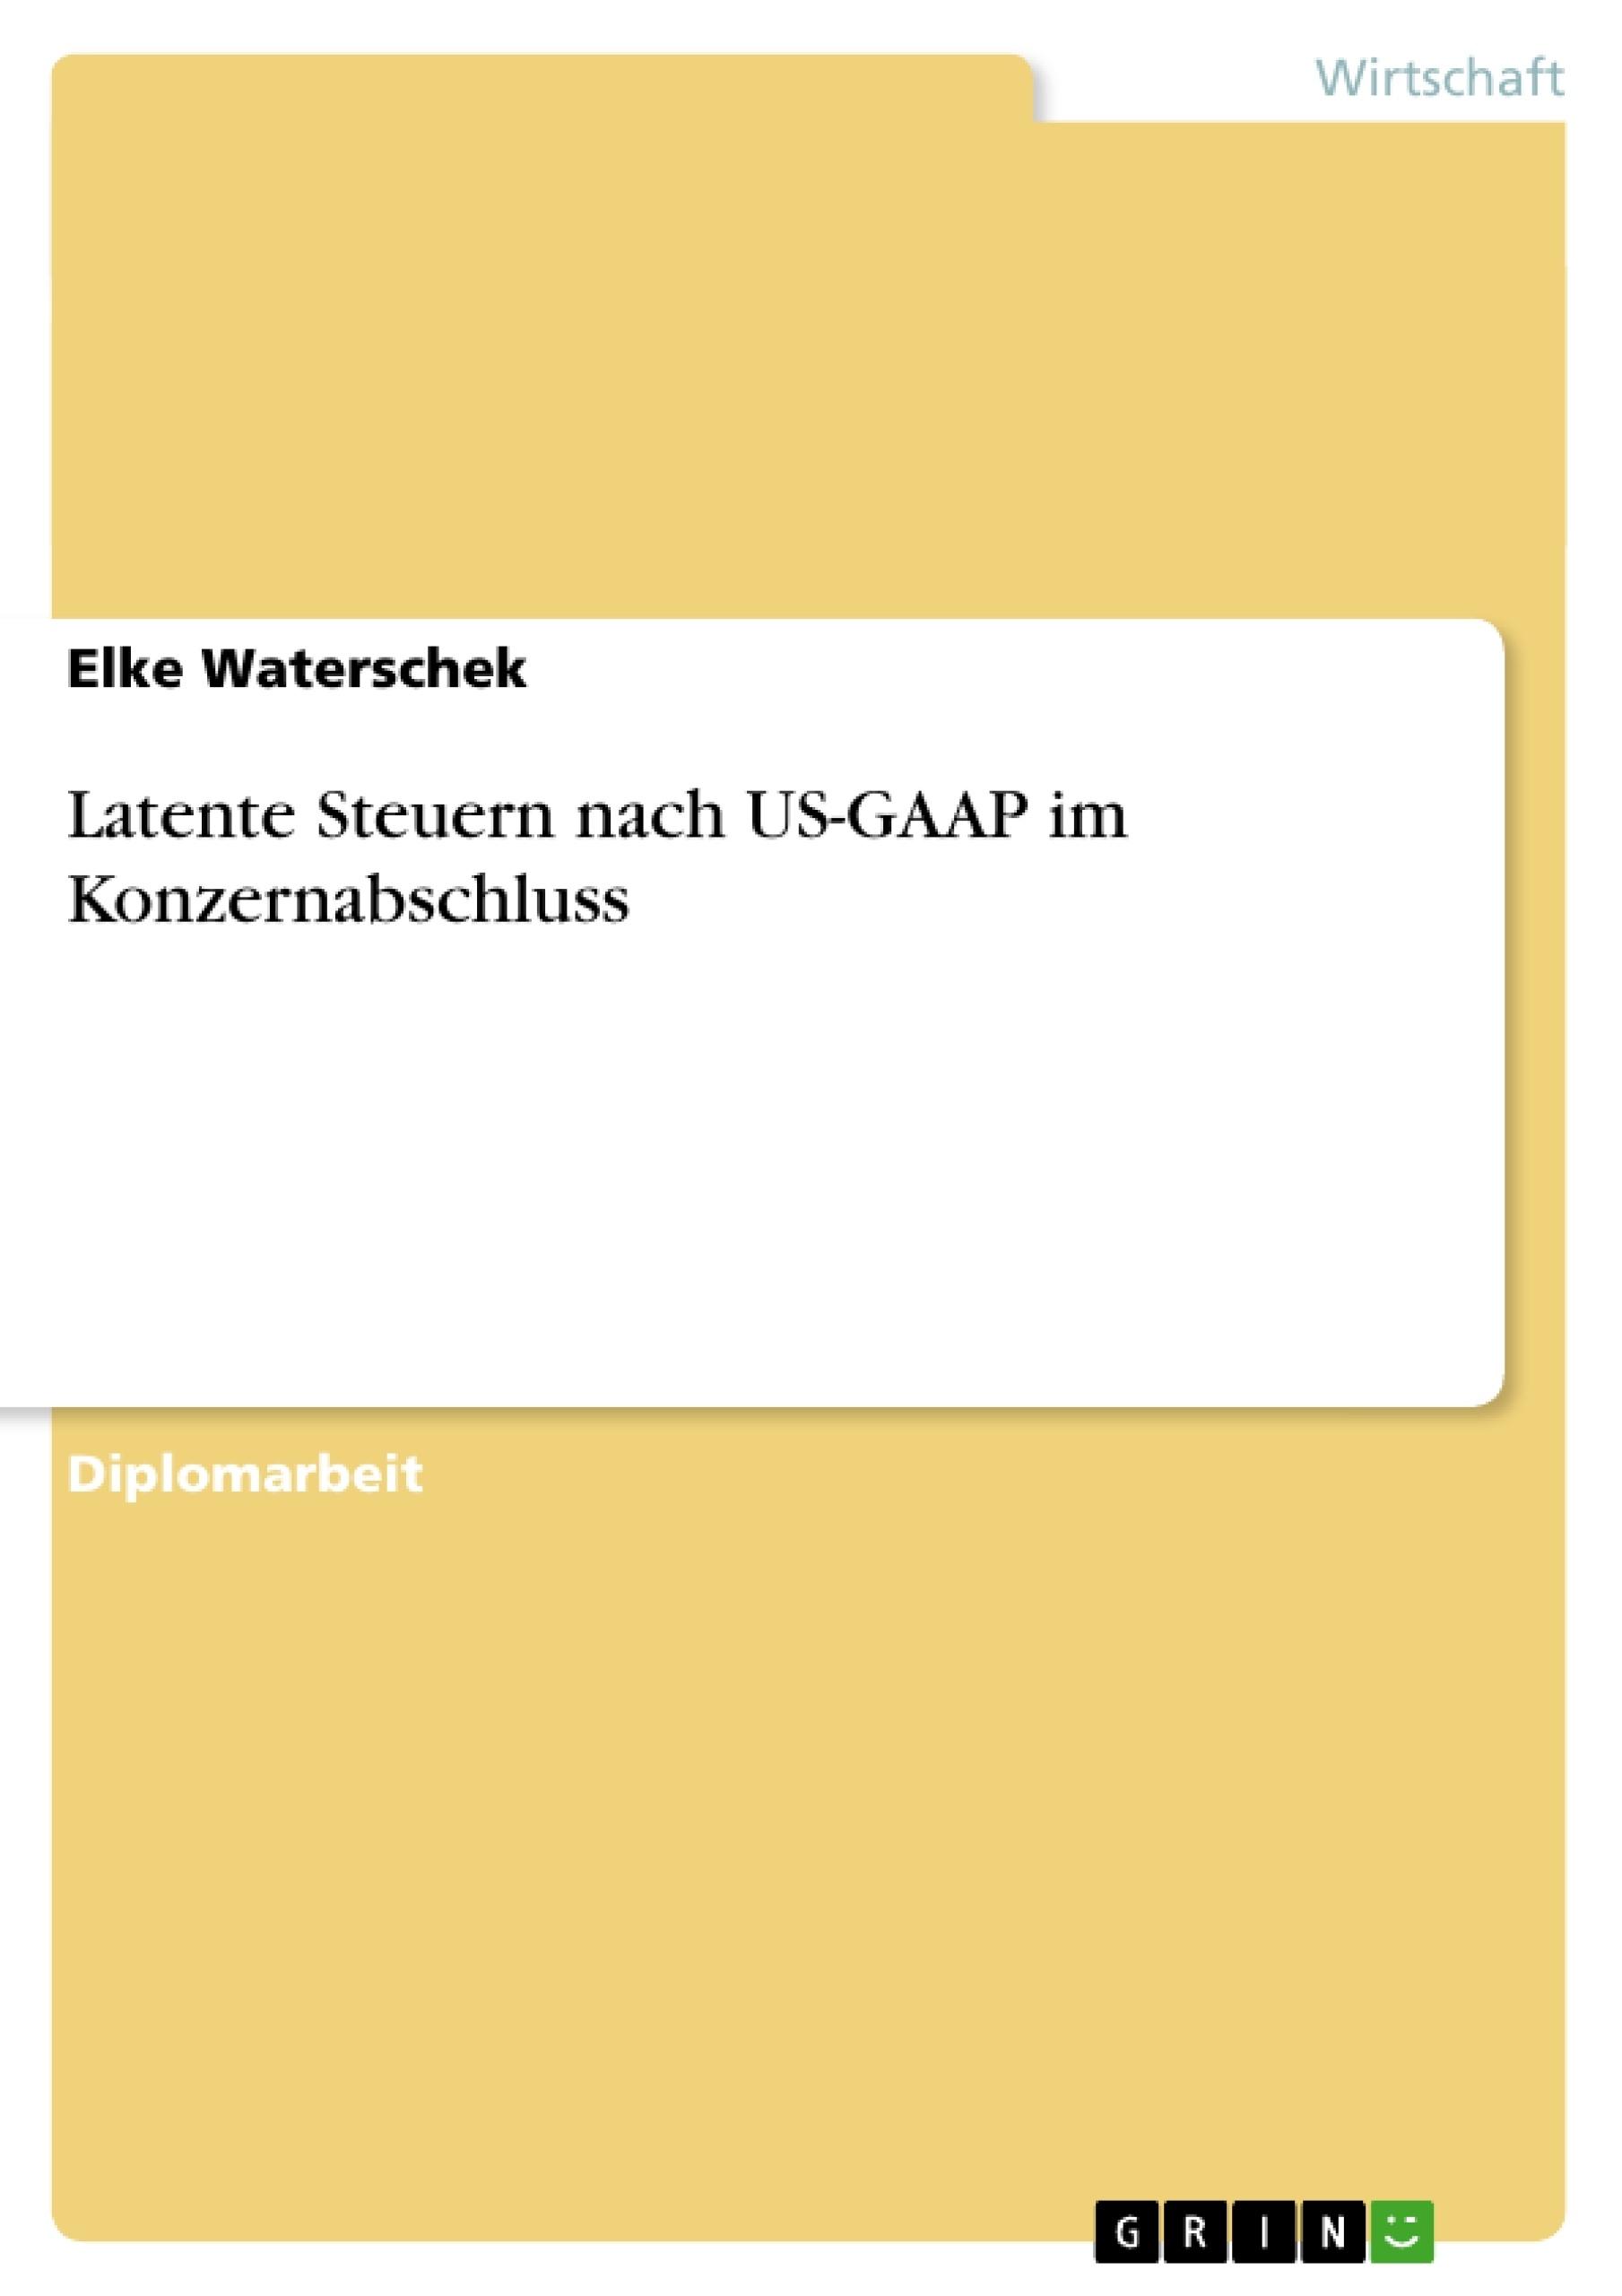 Titel: Latente Steuern nach US-GAAP im Konzernabschluss